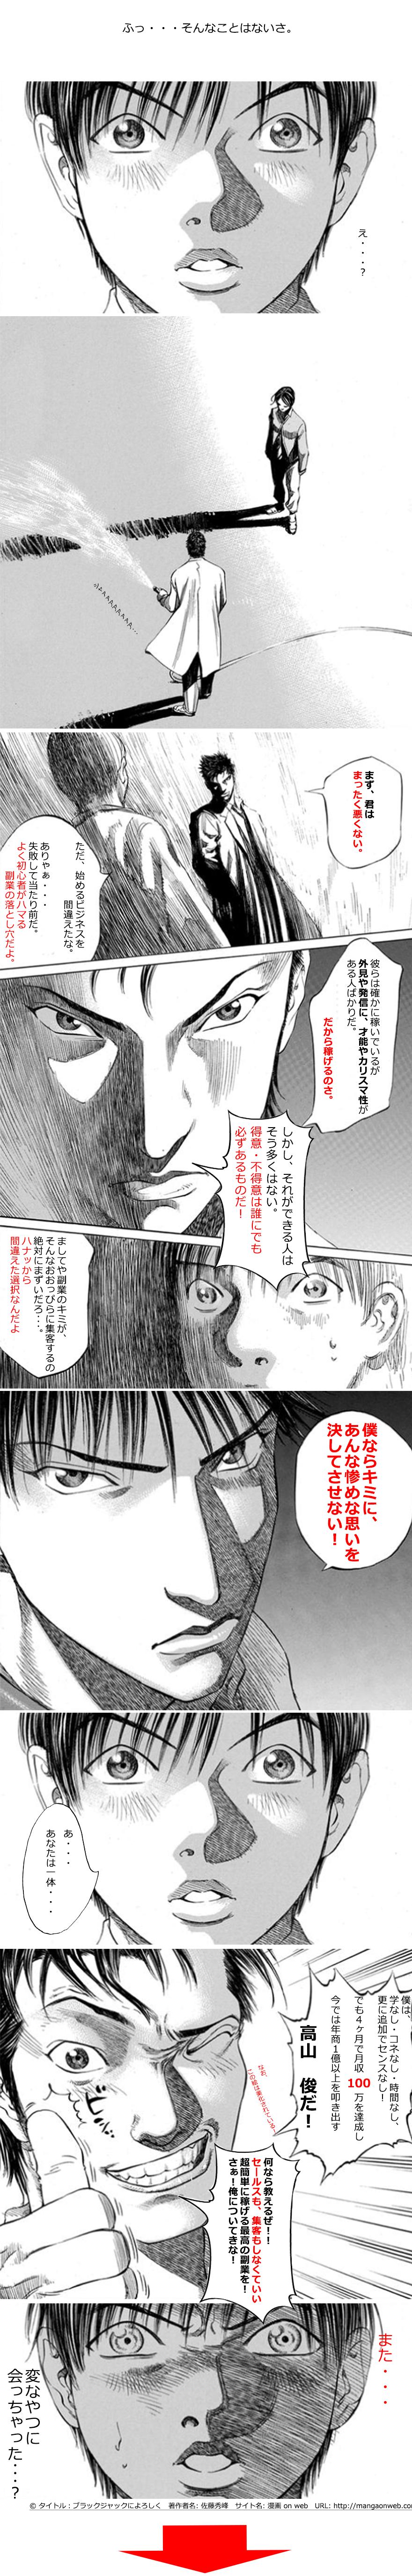 しゅんさんまんが5 (2)